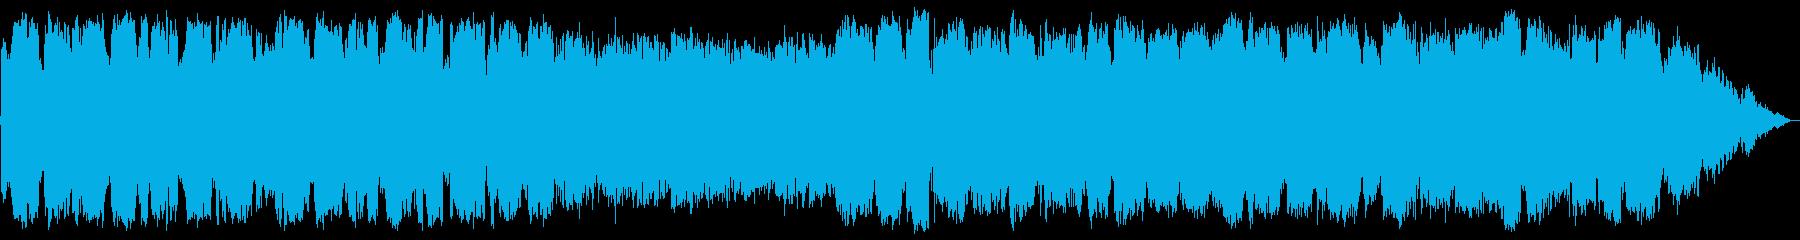 低音の笛の幻想的瞑想音楽の再生済みの波形